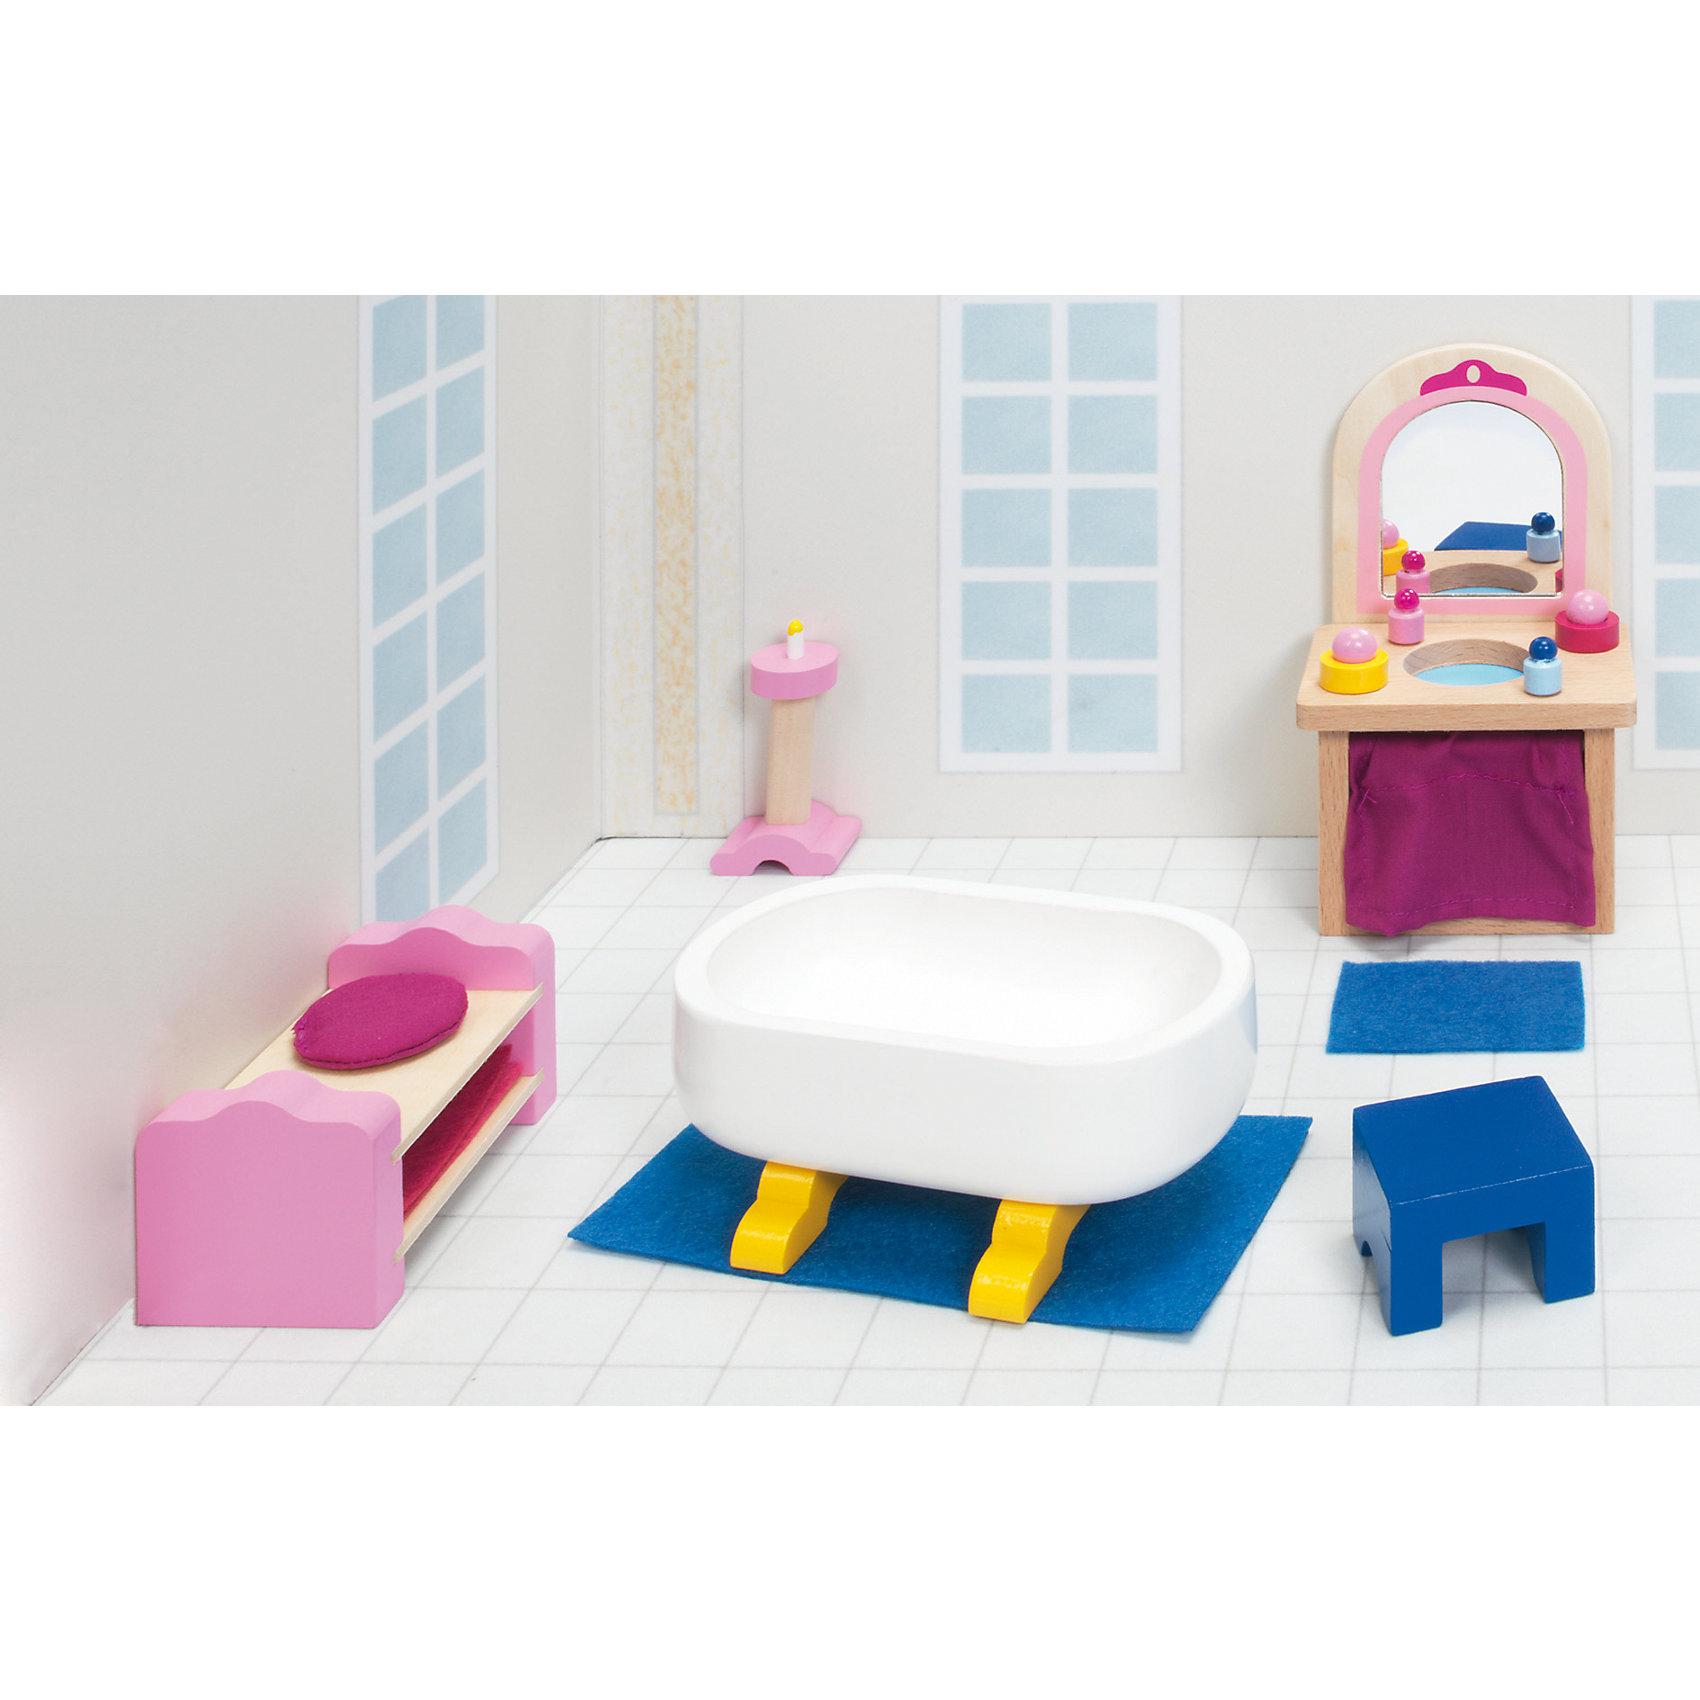 Мебель для кукольной ванной комнаты (дворец), gokiМебель для кукол<br>Характеристики товара:<br><br>- цвет: разноцветный;<br>- материал: дерево;<br>- возраст: от трех лет;<br>- комплектация: 17 предметов.<br><br>Этот симпатичный набор из множества предметов, необходимых в кукольной ванной, приводит детей в восторг! Какая девочка сможет отказаться поиграть с куклами, которые имеют ванную комнату, так похожую на настоящую?! В набор входят самые необходимые для этого помещения вещи. Игрушки очень качественно выполнены, поэтому набор станет замечательным подарком ребенку. <br>Продается набор в красивой удобной упаковке. Игры с куклами помогают девочкам развить важные навыки и отработать модели социального взаимодействия. Изделие произведено из высококачественного материала, безопасного для детей.<br><br>Мебель для кукольной ванной комнаты (дворец) от германского бренда GOKI можно купить в нашем интернет-магазине.<br><br>Ширина мм: 110<br>Глубина мм: 110<br>Высота мм: 110<br>Вес г: 340<br>Возраст от месяцев: 36<br>Возраст до месяцев: 144<br>Пол: Женский<br>Возраст: Детский<br>SKU: 5155313